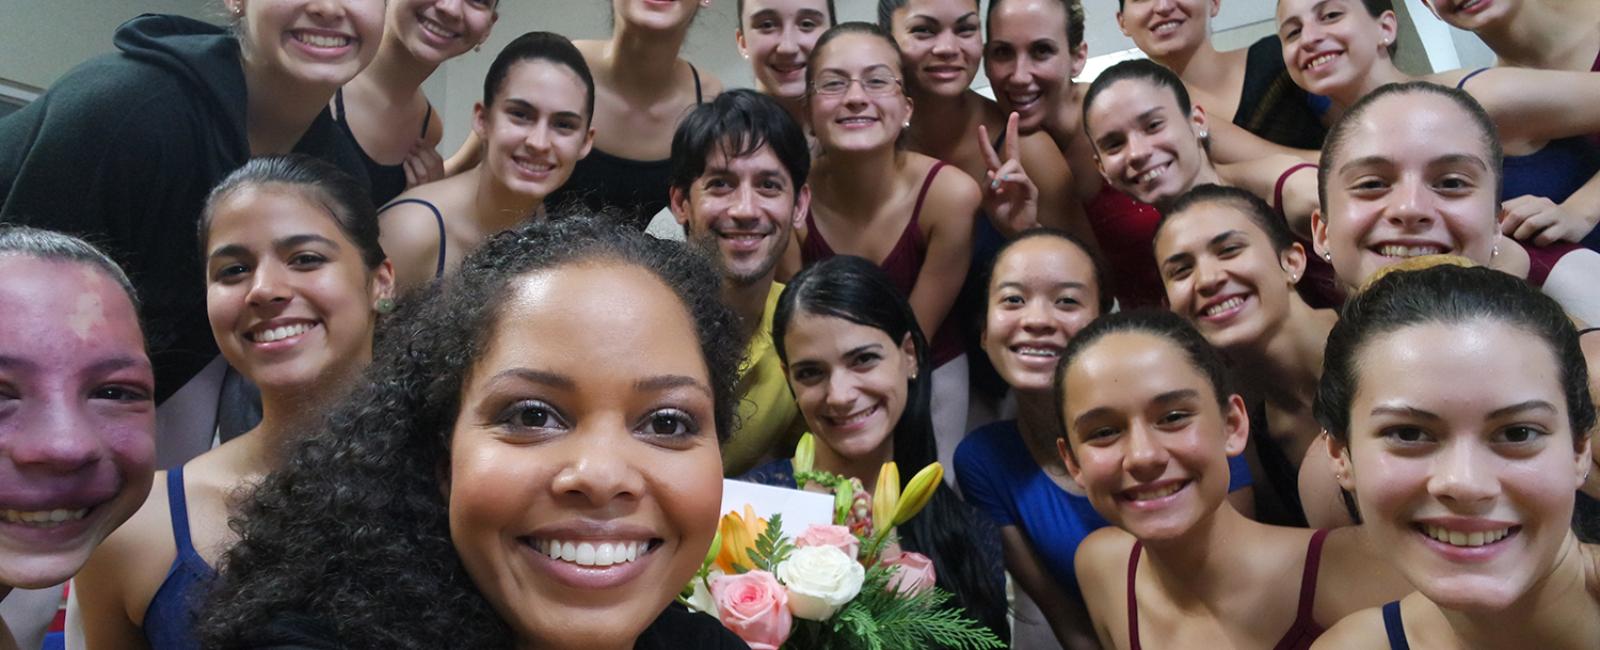 Ballet-Santiago-chile